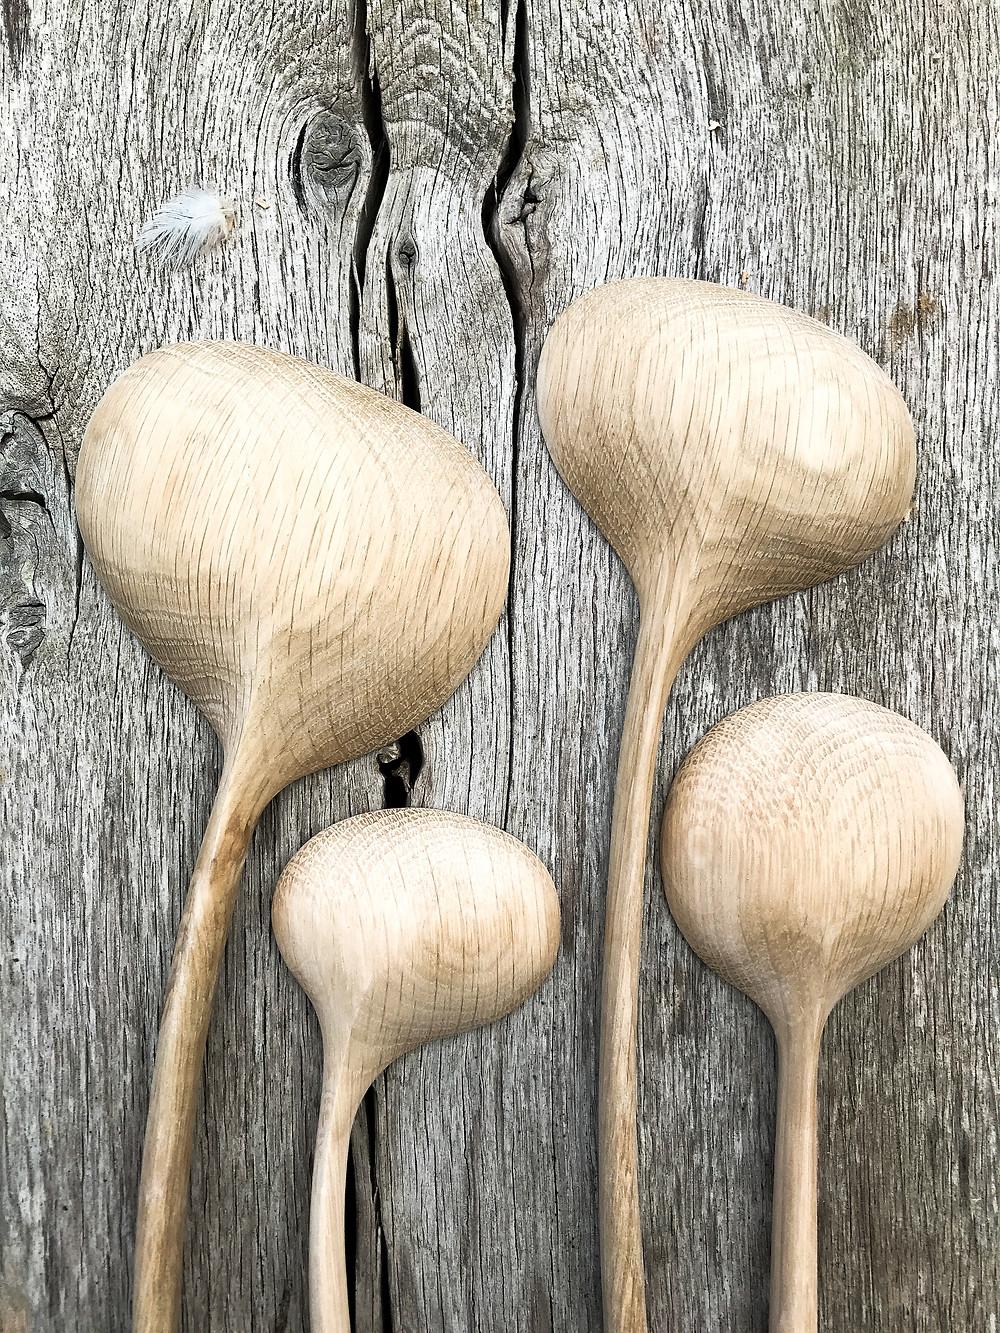 hand carved spoon by UK wood worker Jamie Gaunt